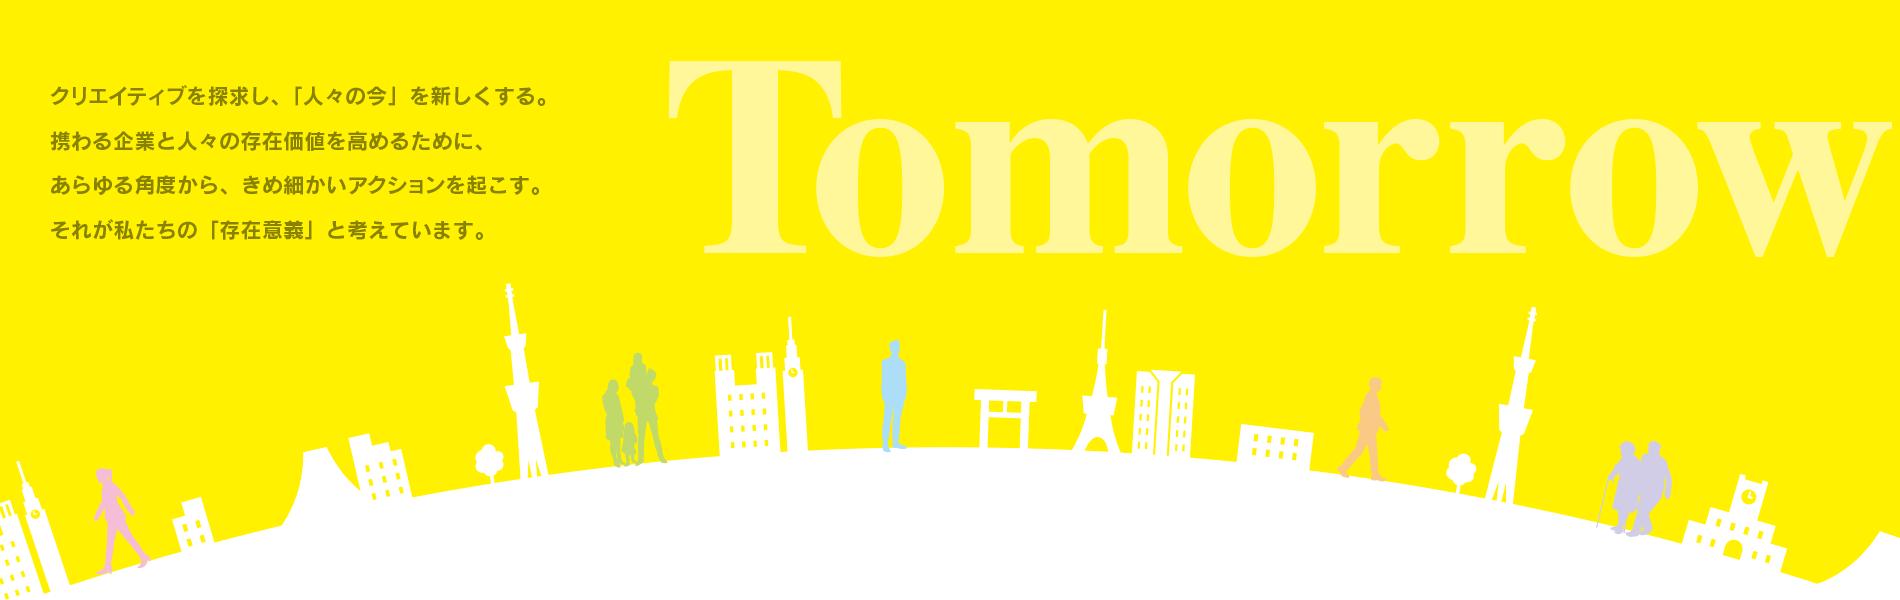 あーすメイン-Tomorrow-